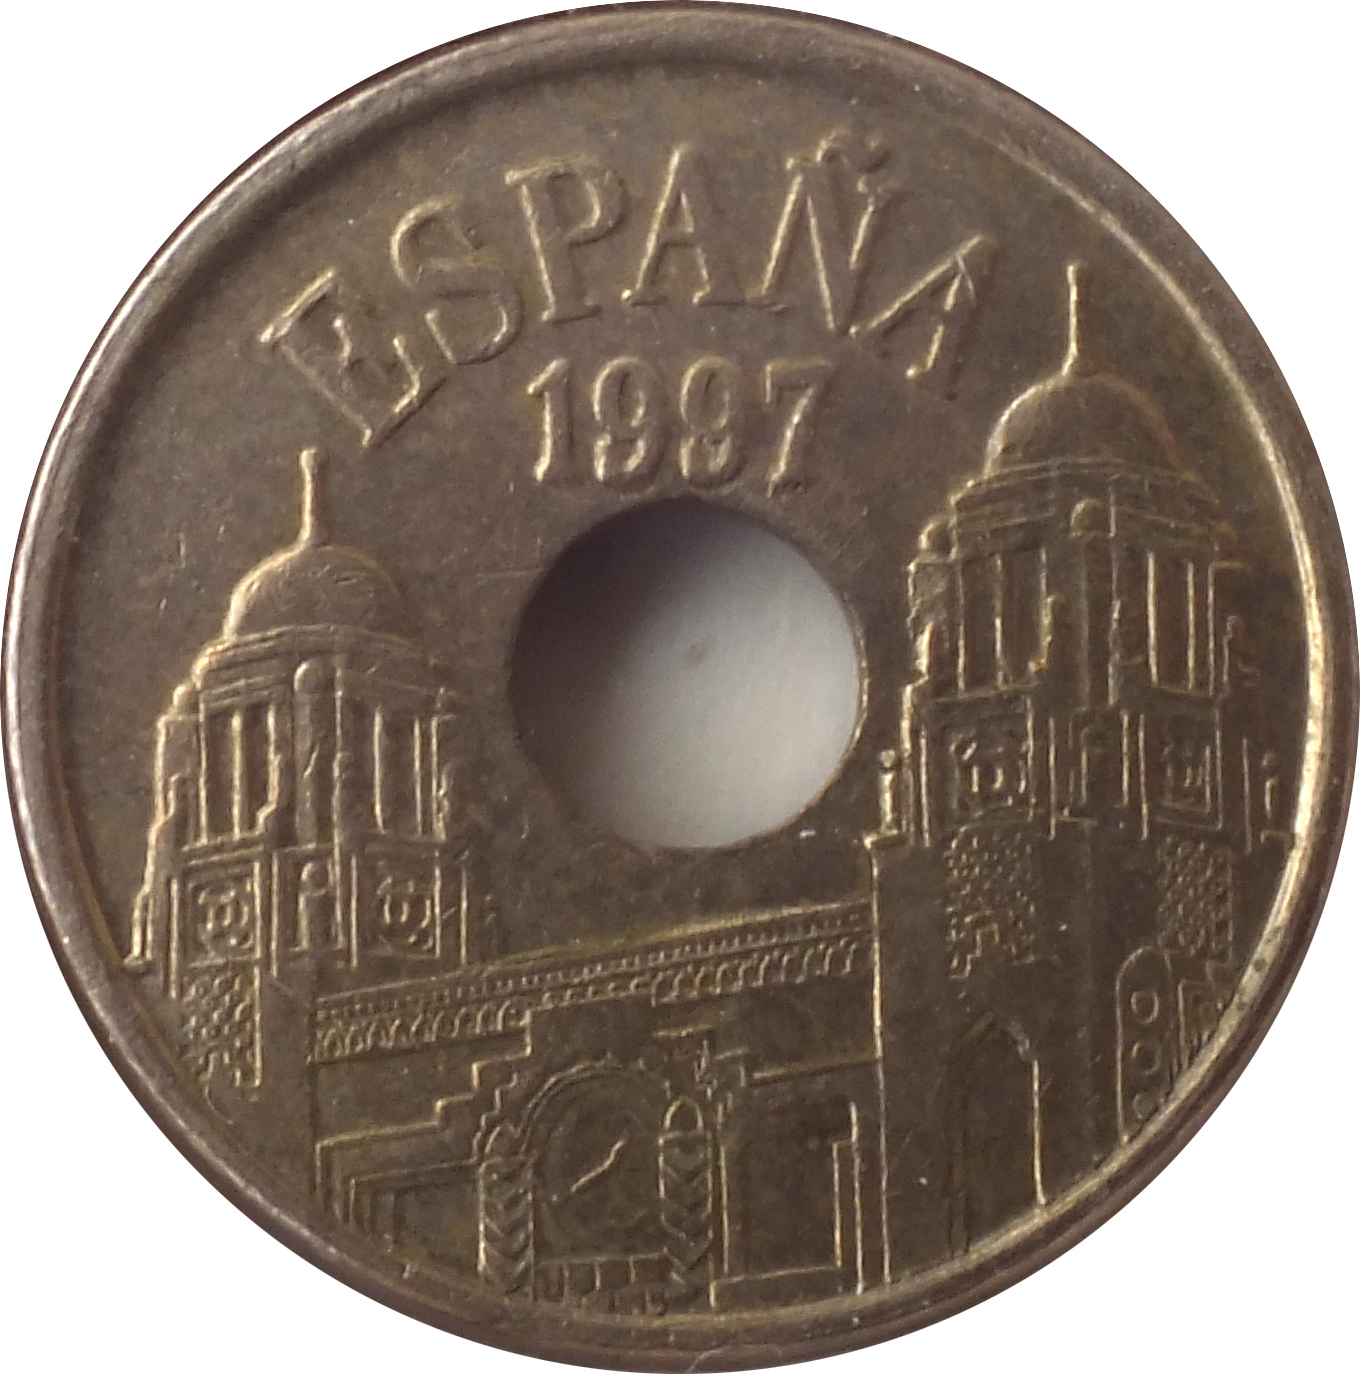 25 ptas coin 1997